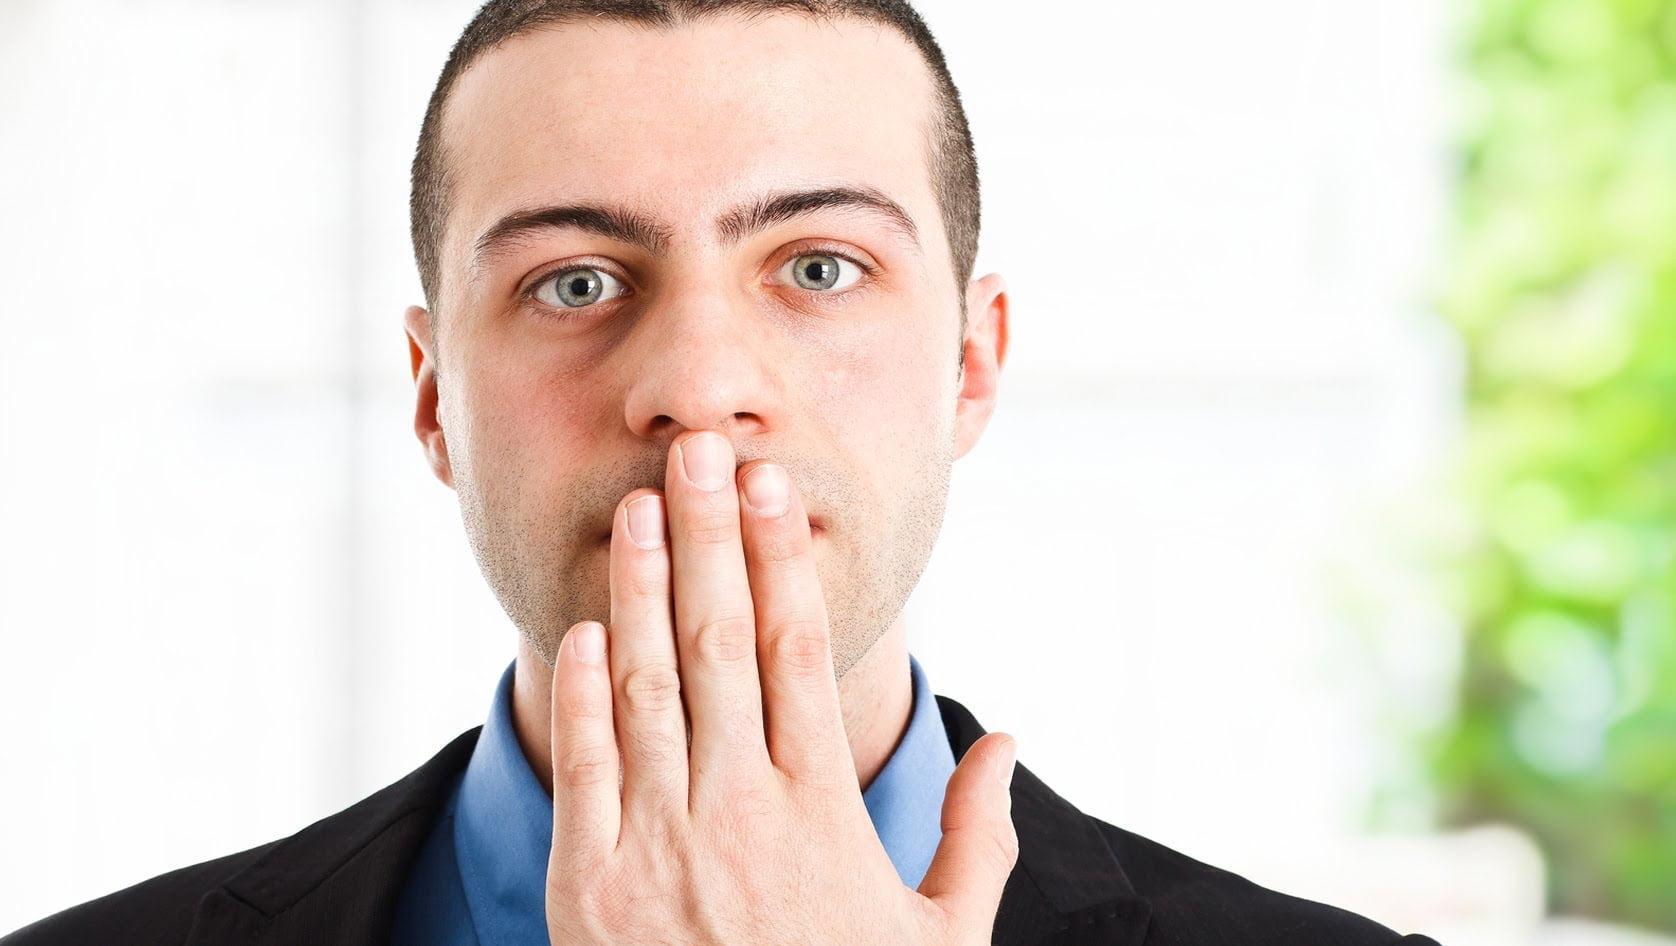 Đắng miệng là biểu hiện của bệnh gì? CẢNH BÁO 5 bệnh nguy hiểm 3